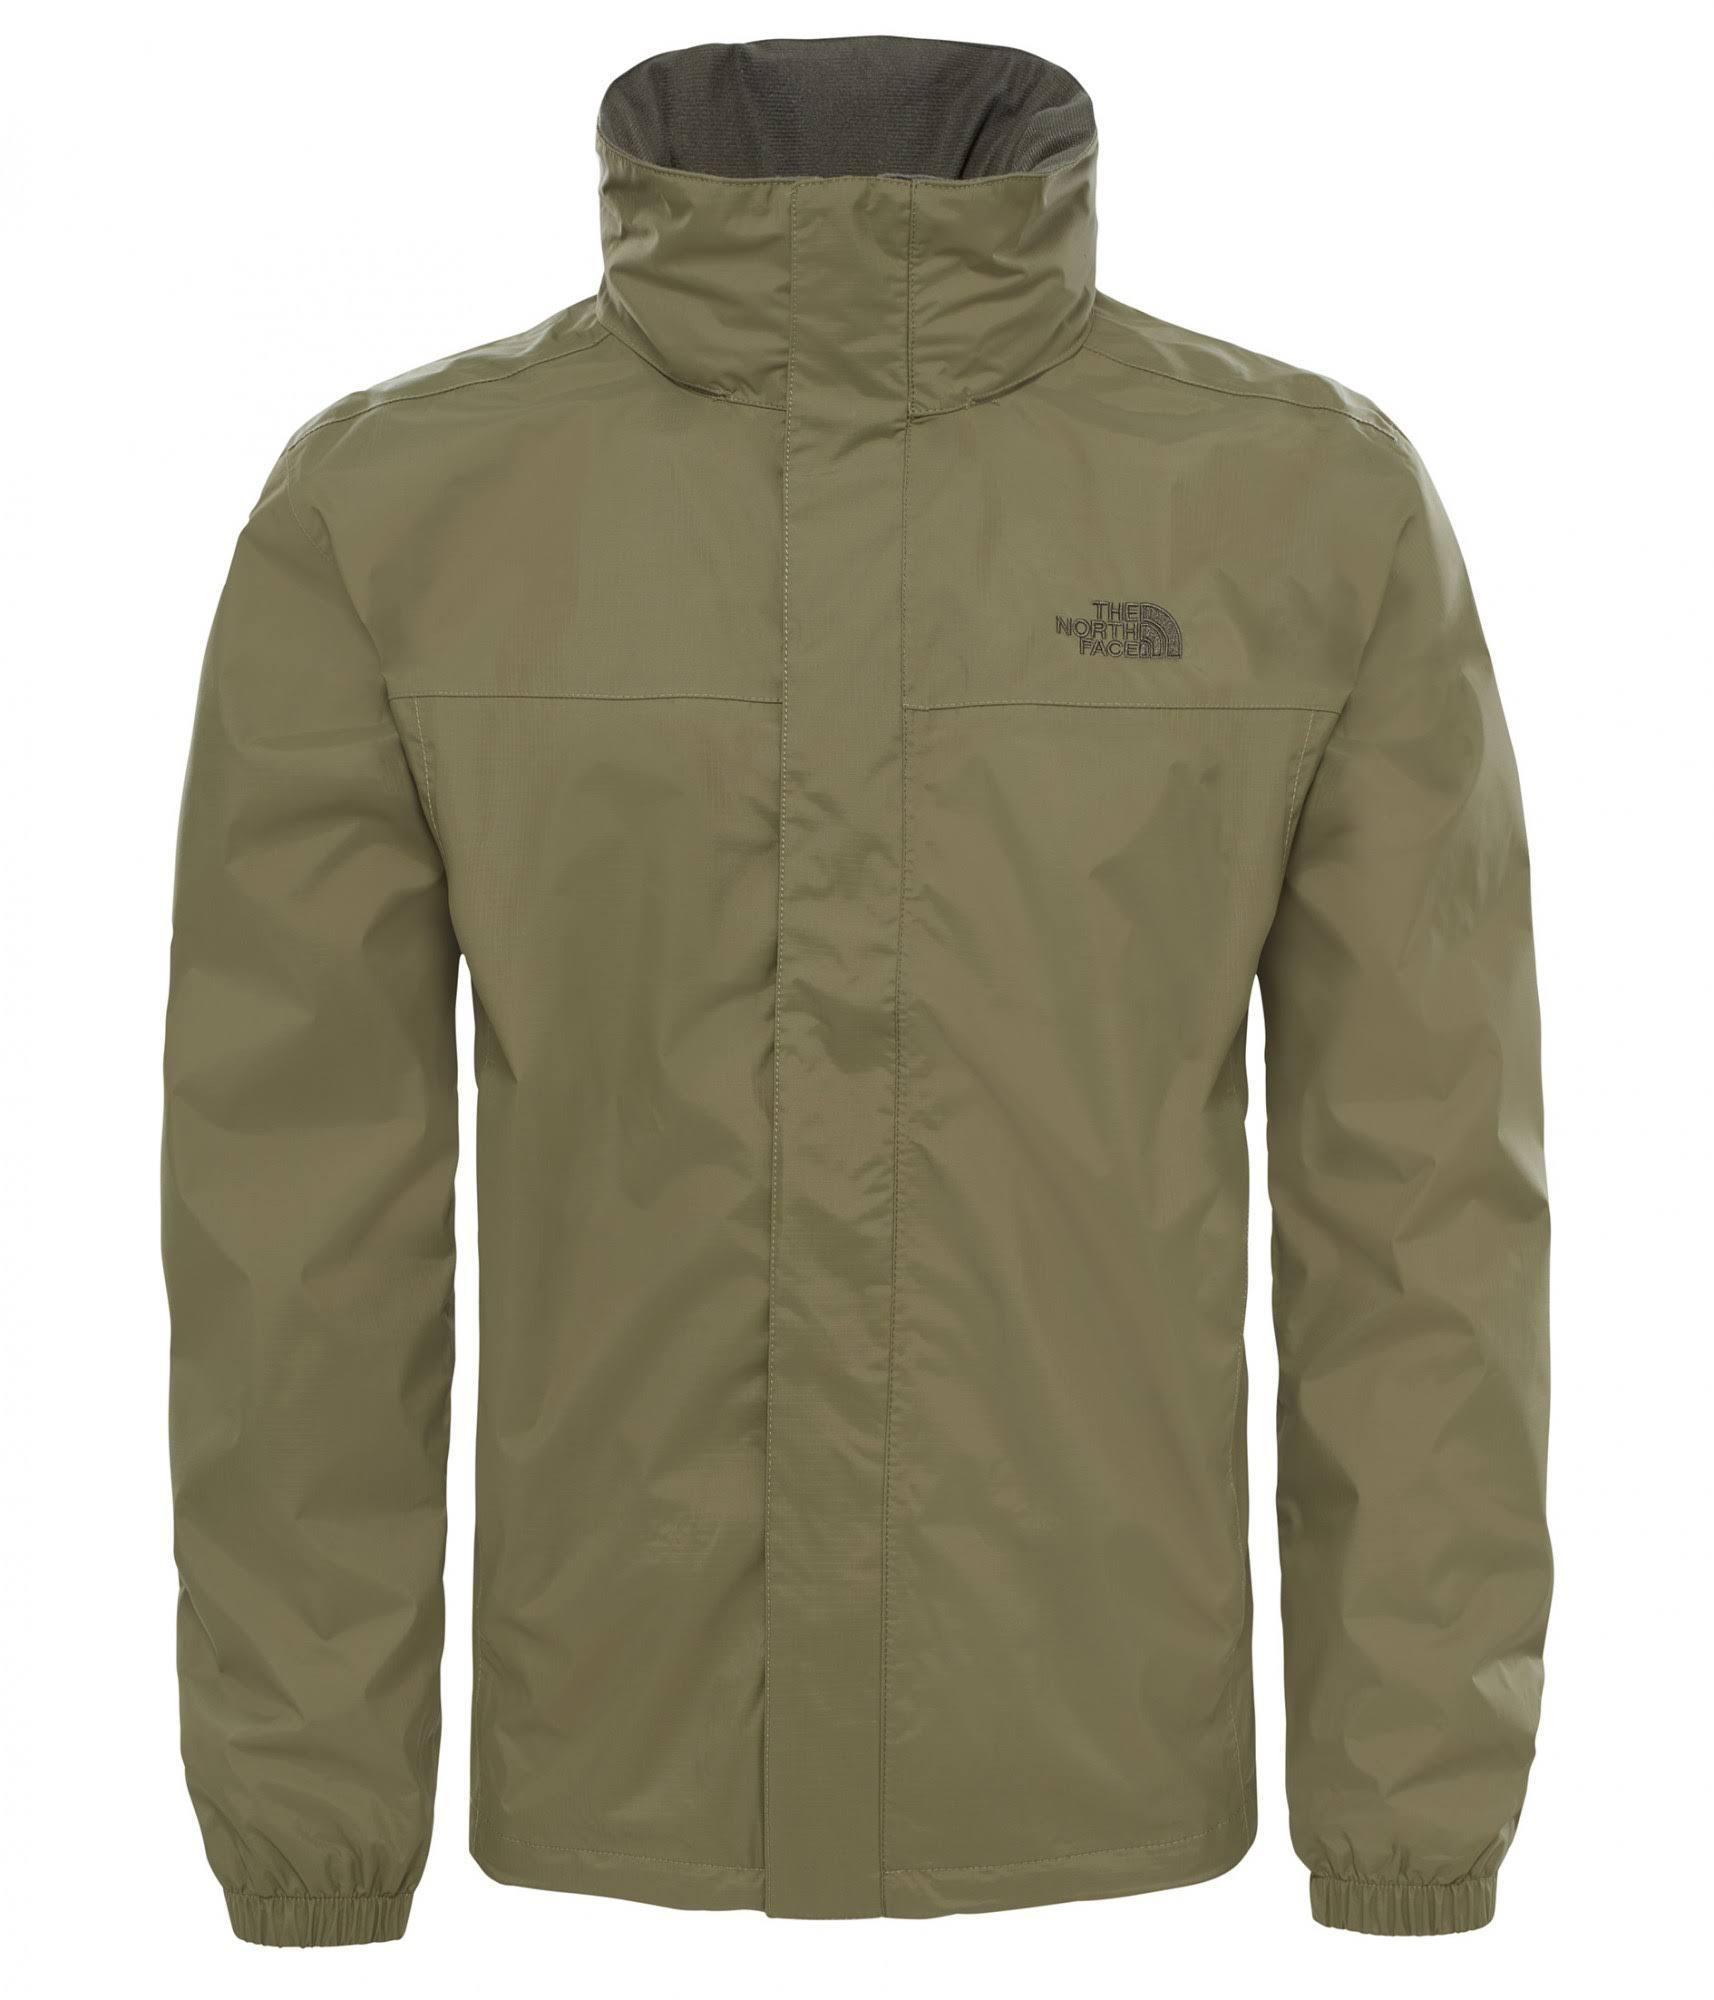 Herren 2 Für Jacket Resolve North Face Olive Taupe Von Green Burnt Die 4pwqSHgRxn